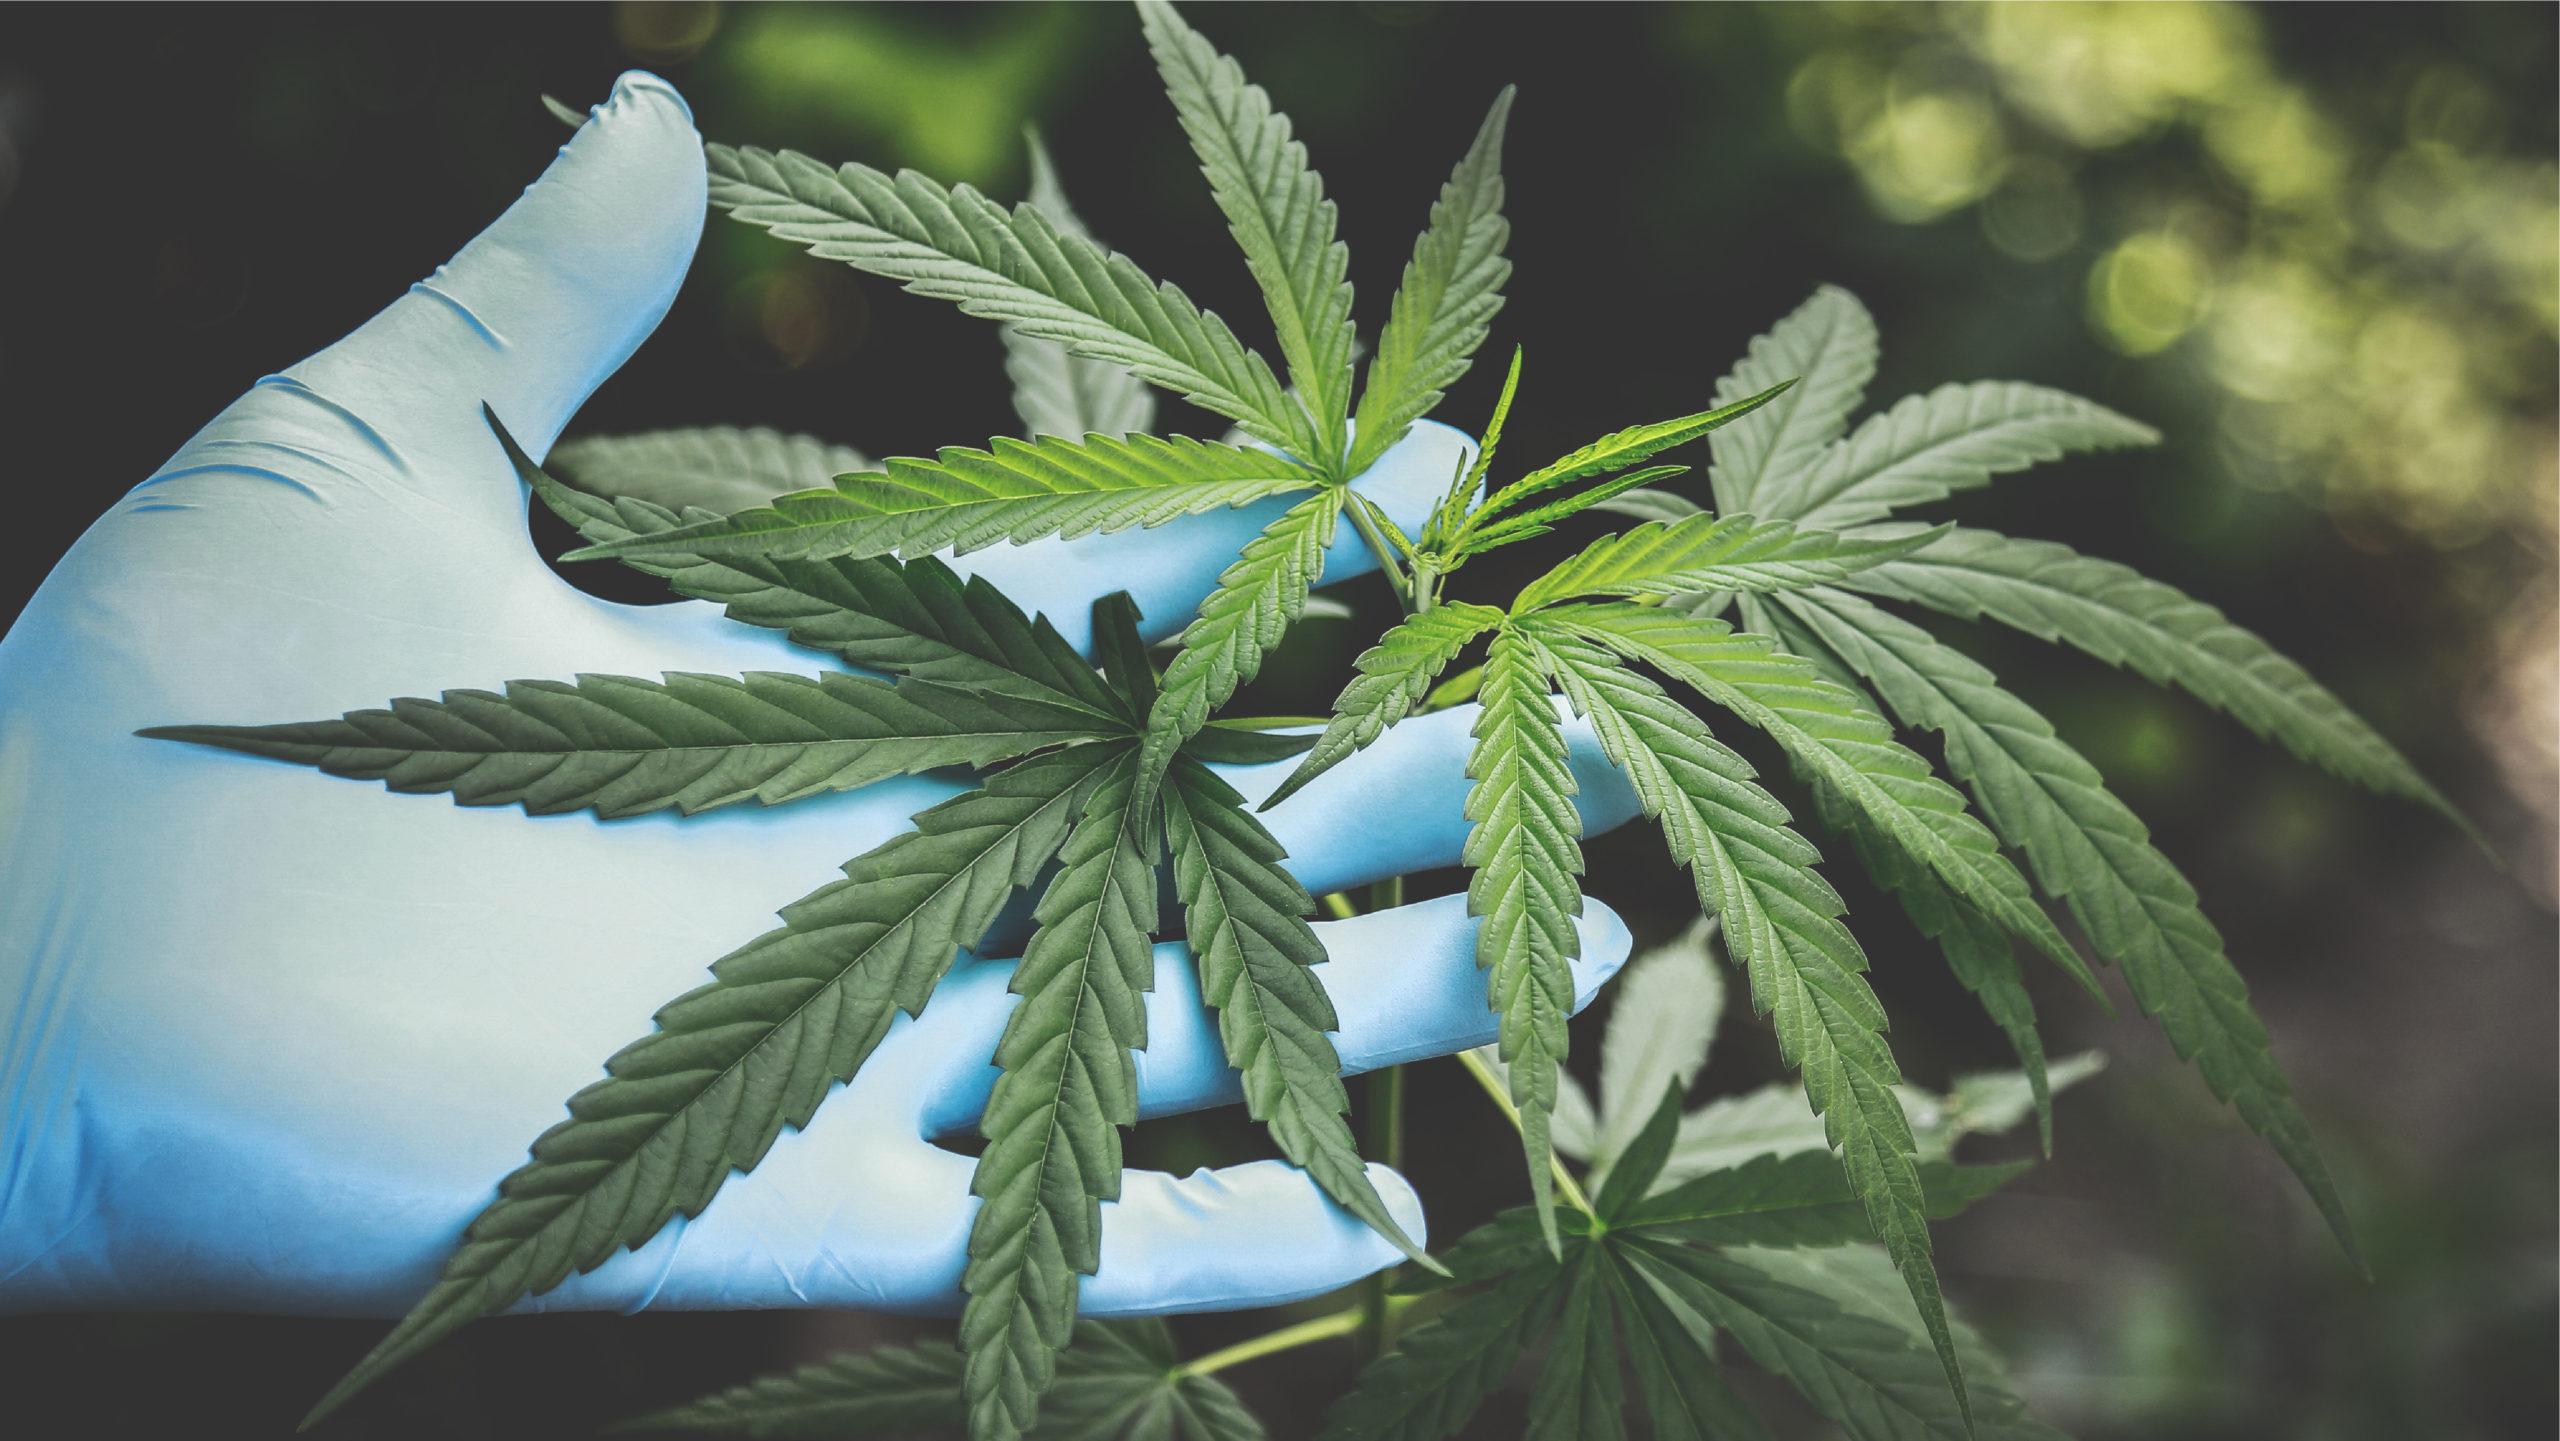 Empresas de marihuana, ávidas por entrar en México apenas se legalice: Vicente Fox